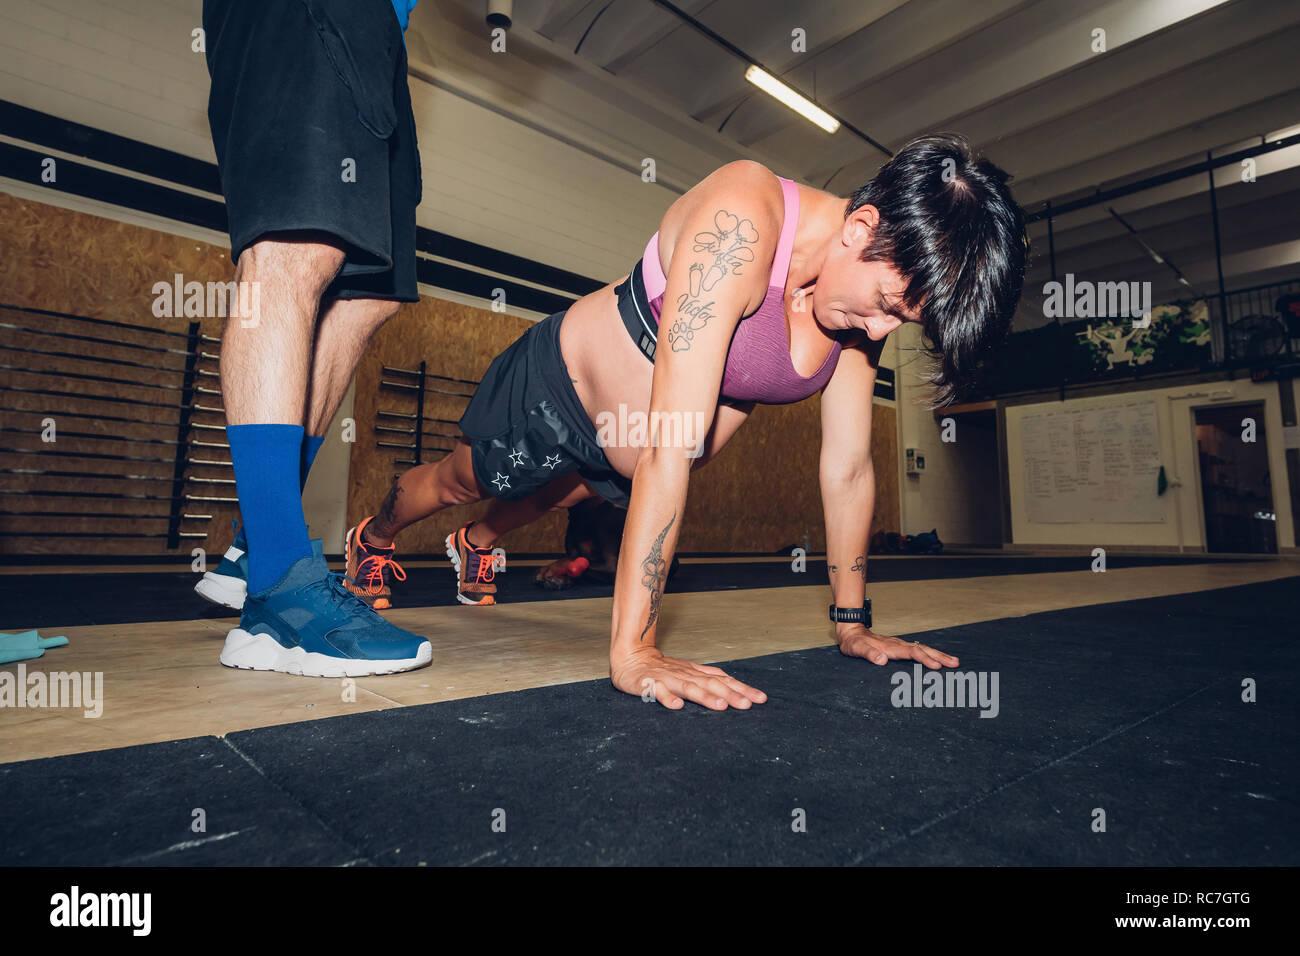 Trainer sur femme enceinte faisant pousser ups in gym Banque D'Images